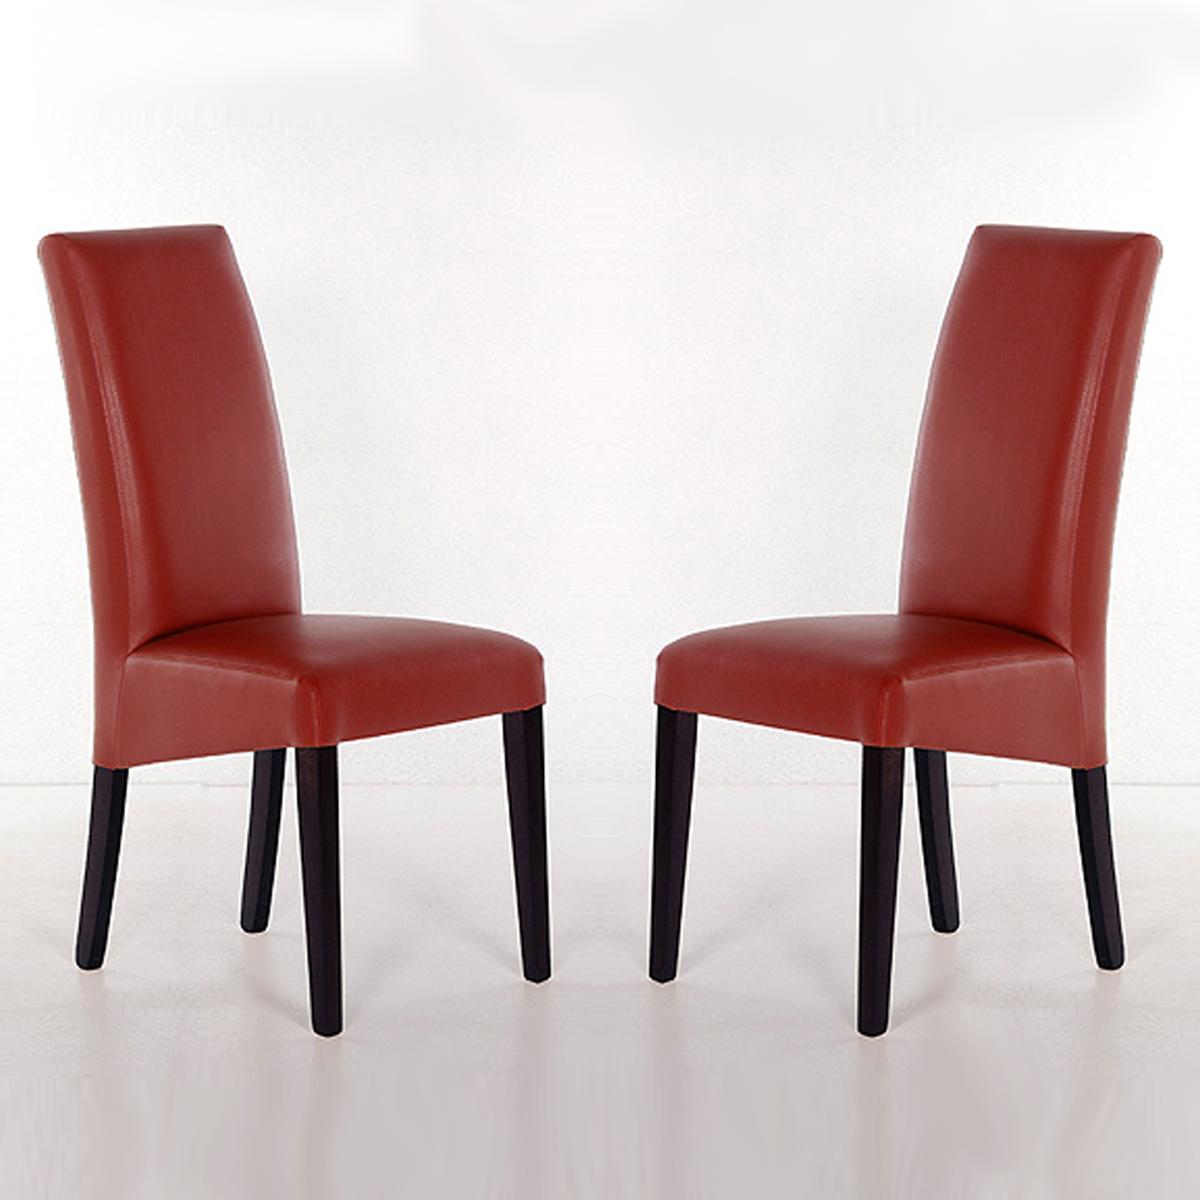 stuhl rudi 2er set esszimmerstuhl polsterstuhl lederlook gestell vollholz ebay. Black Bedroom Furniture Sets. Home Design Ideas